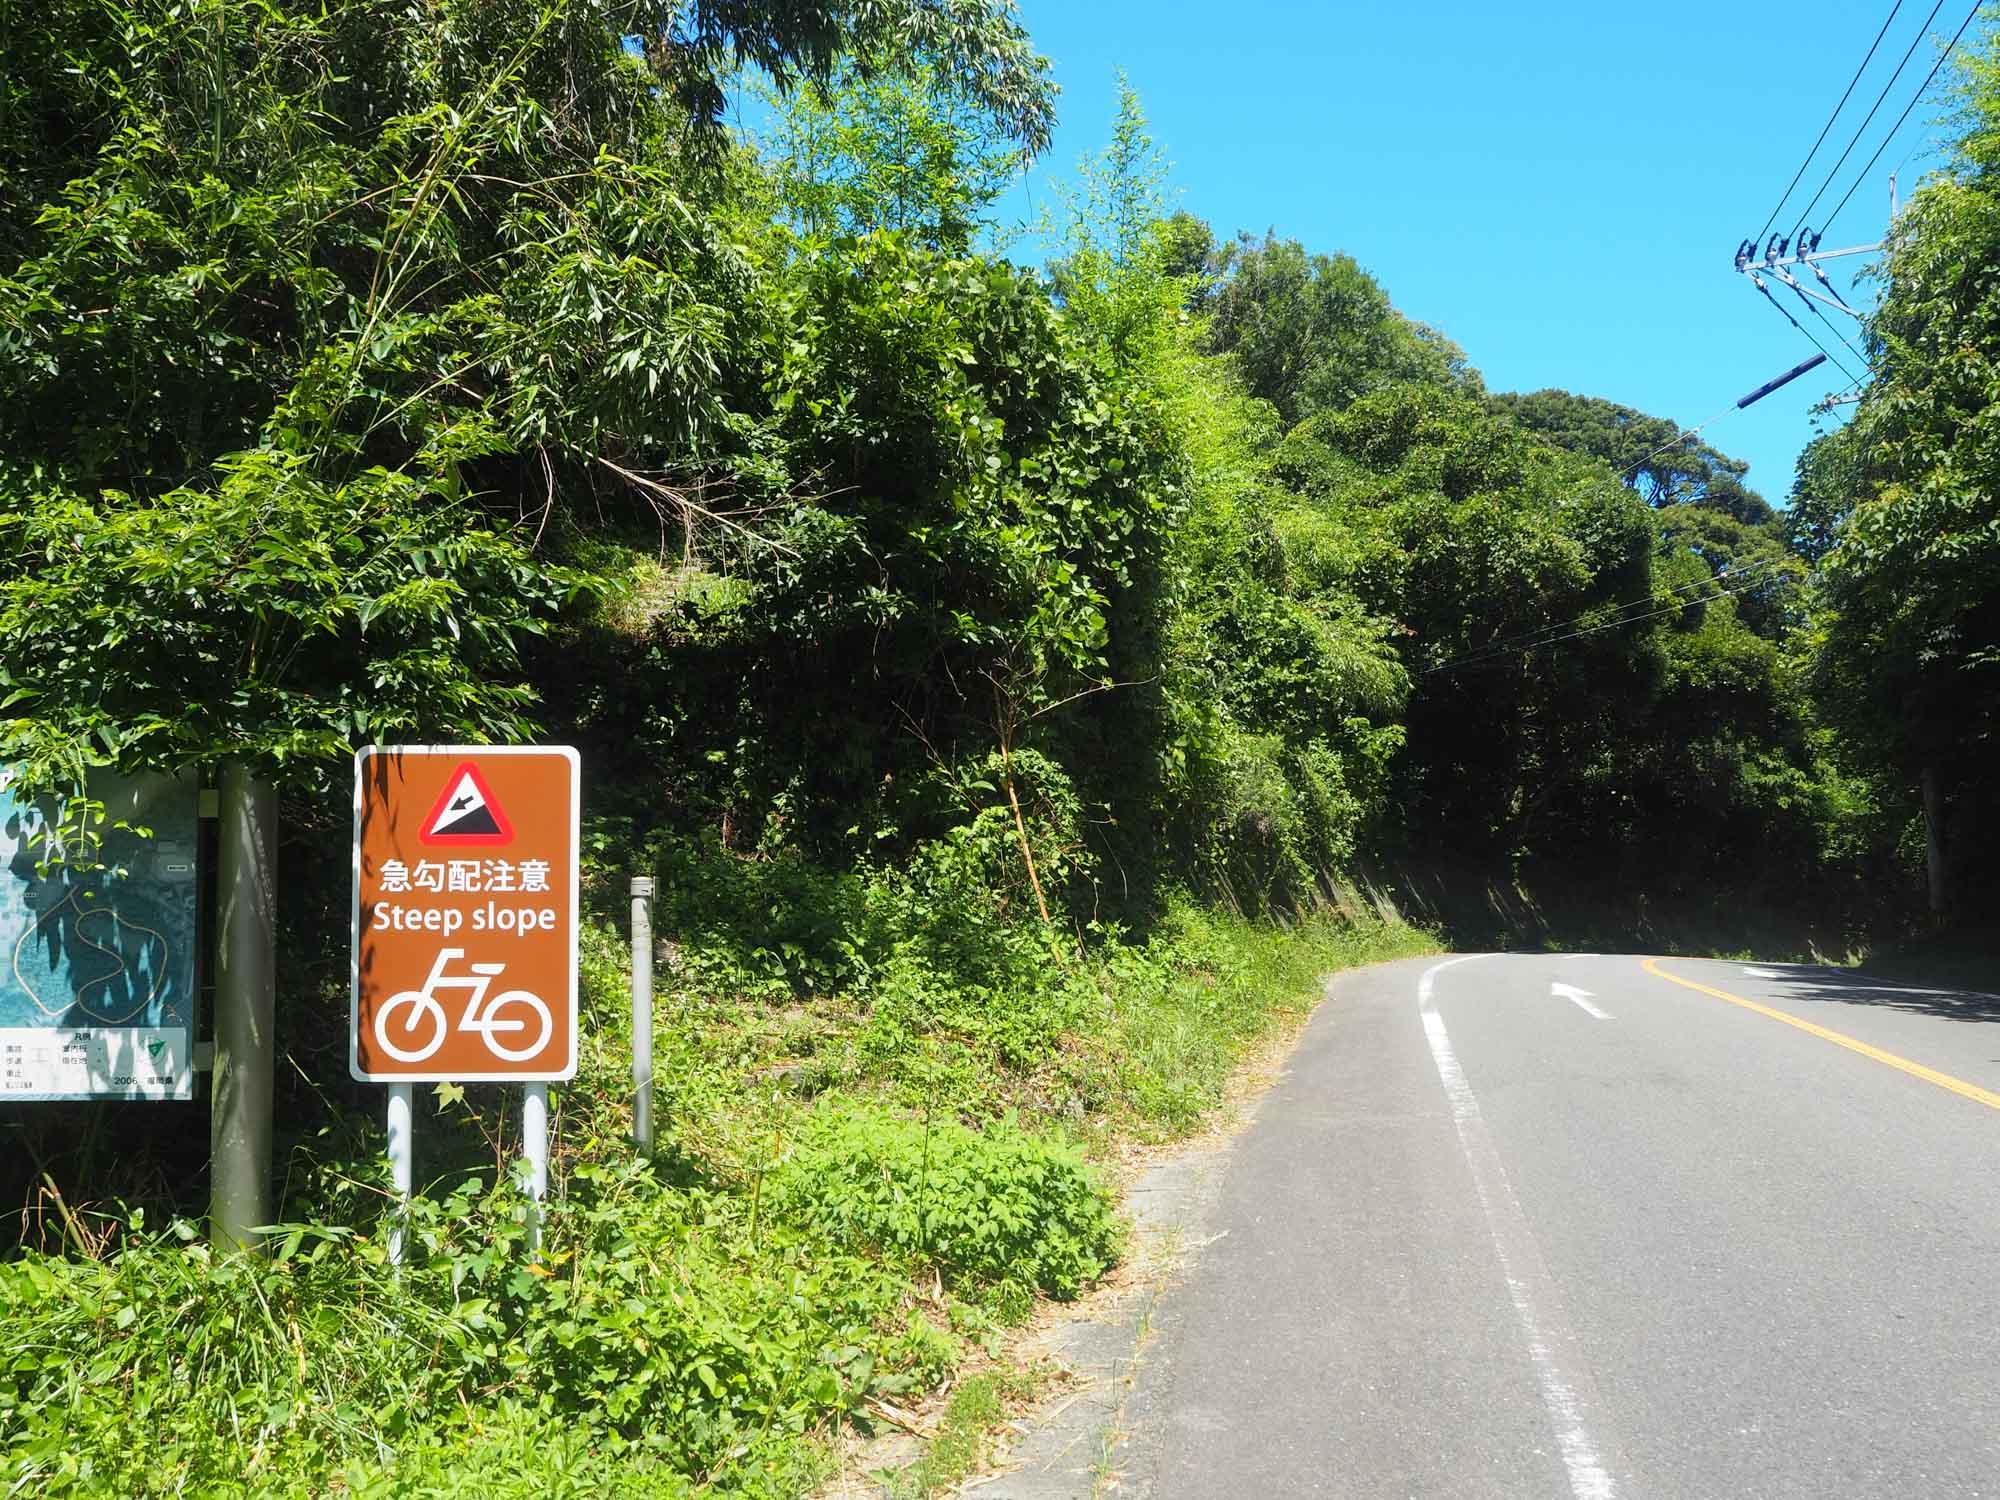 金印公園を出て、島の北端「勝馬エリア」へ進みます。途中ちょっとのぼり道ですが、きちんと標識があるので大丈夫。どんどん進みましょう。